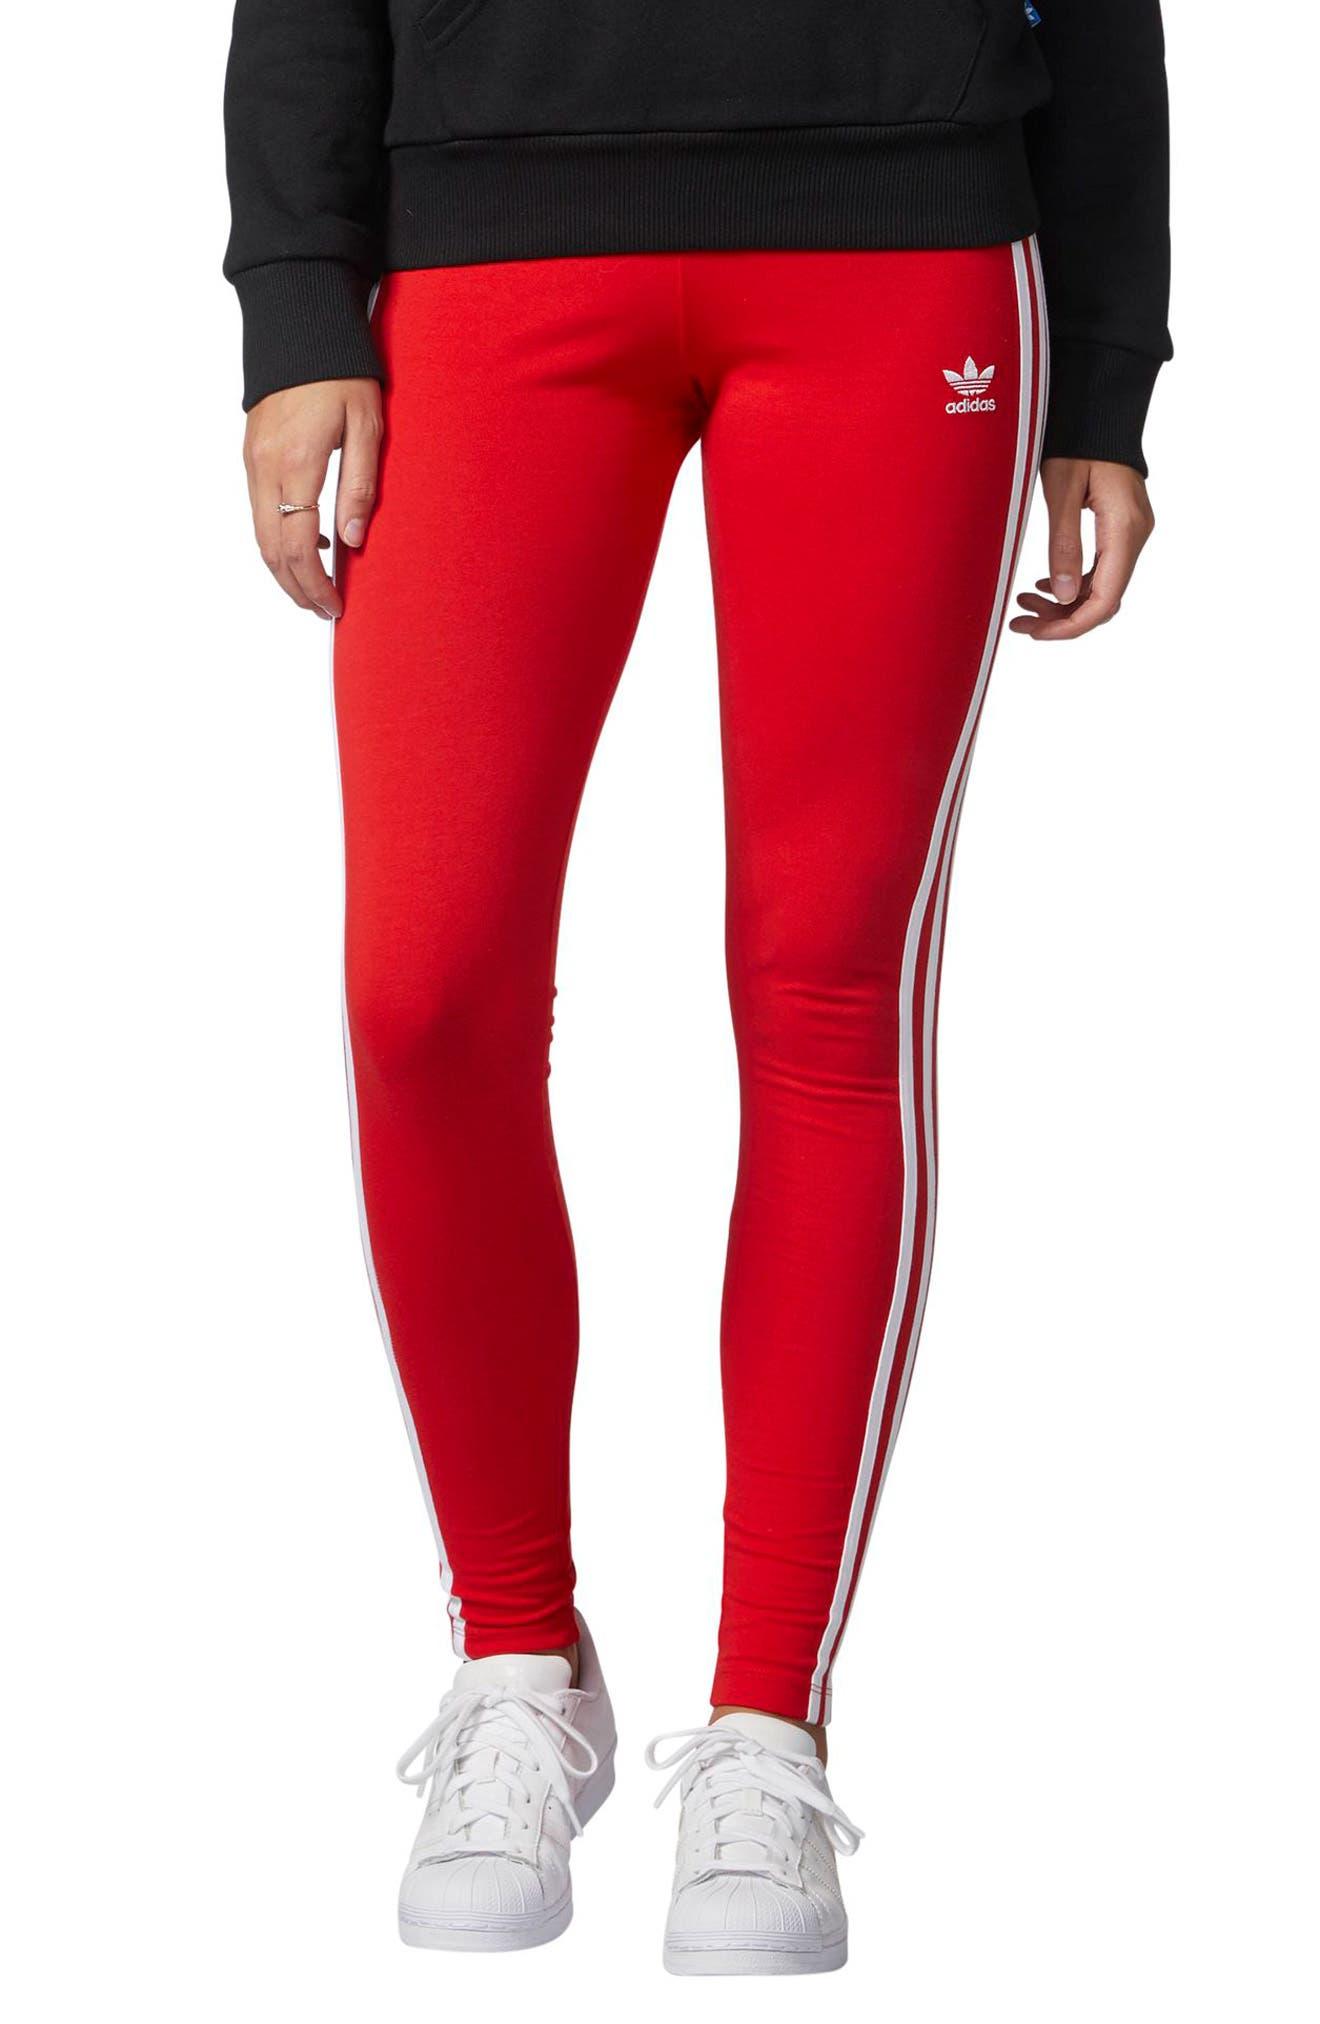 adidas Originals Logo Leggings. MEDIUM GREY HEATHER; VIVID RED S13